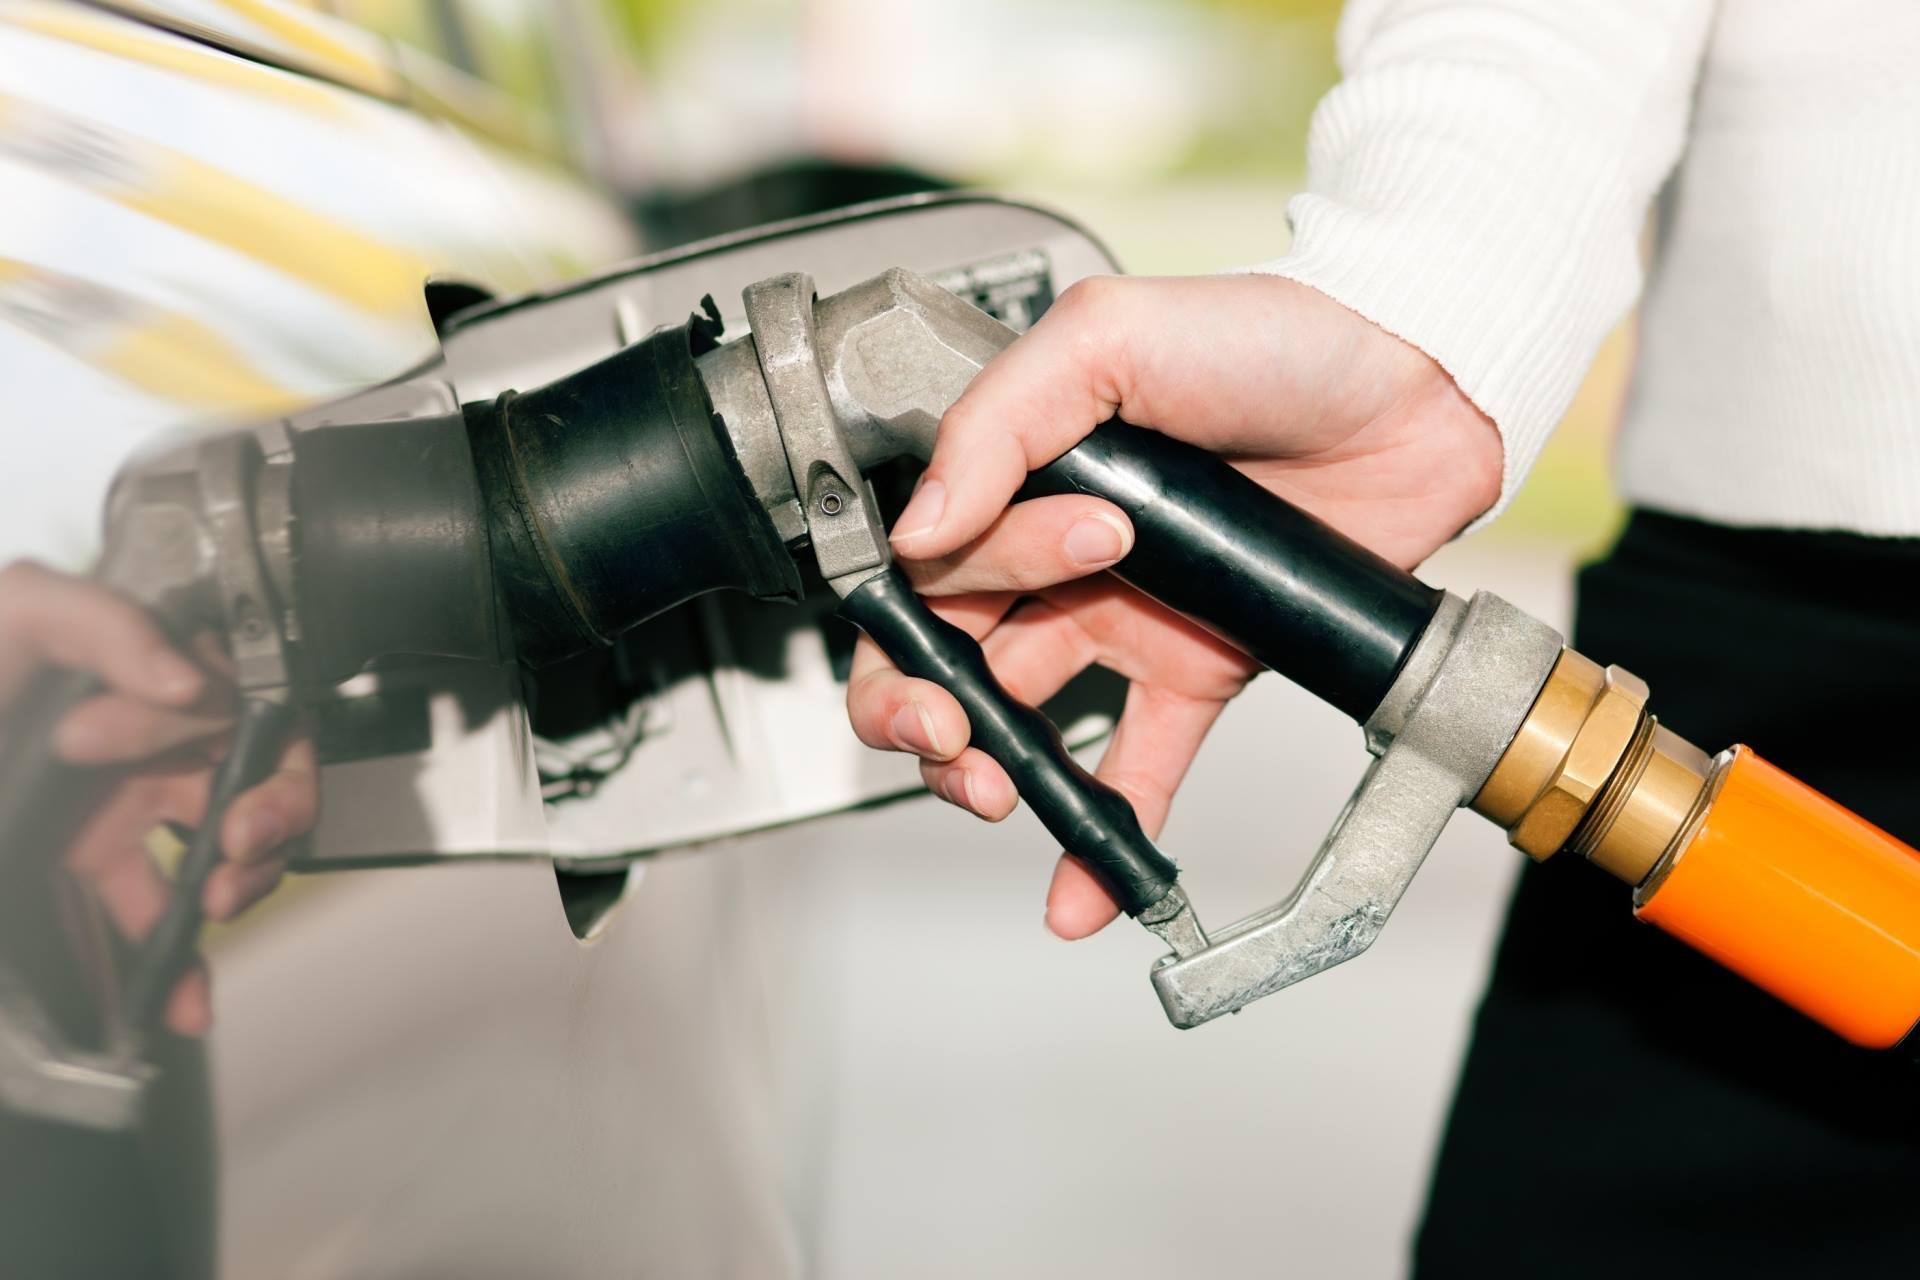 LPG má potenciál efektivněji omezit emise z dopravy. V horizontu 30 let ho může zcela nahradit bioLPG